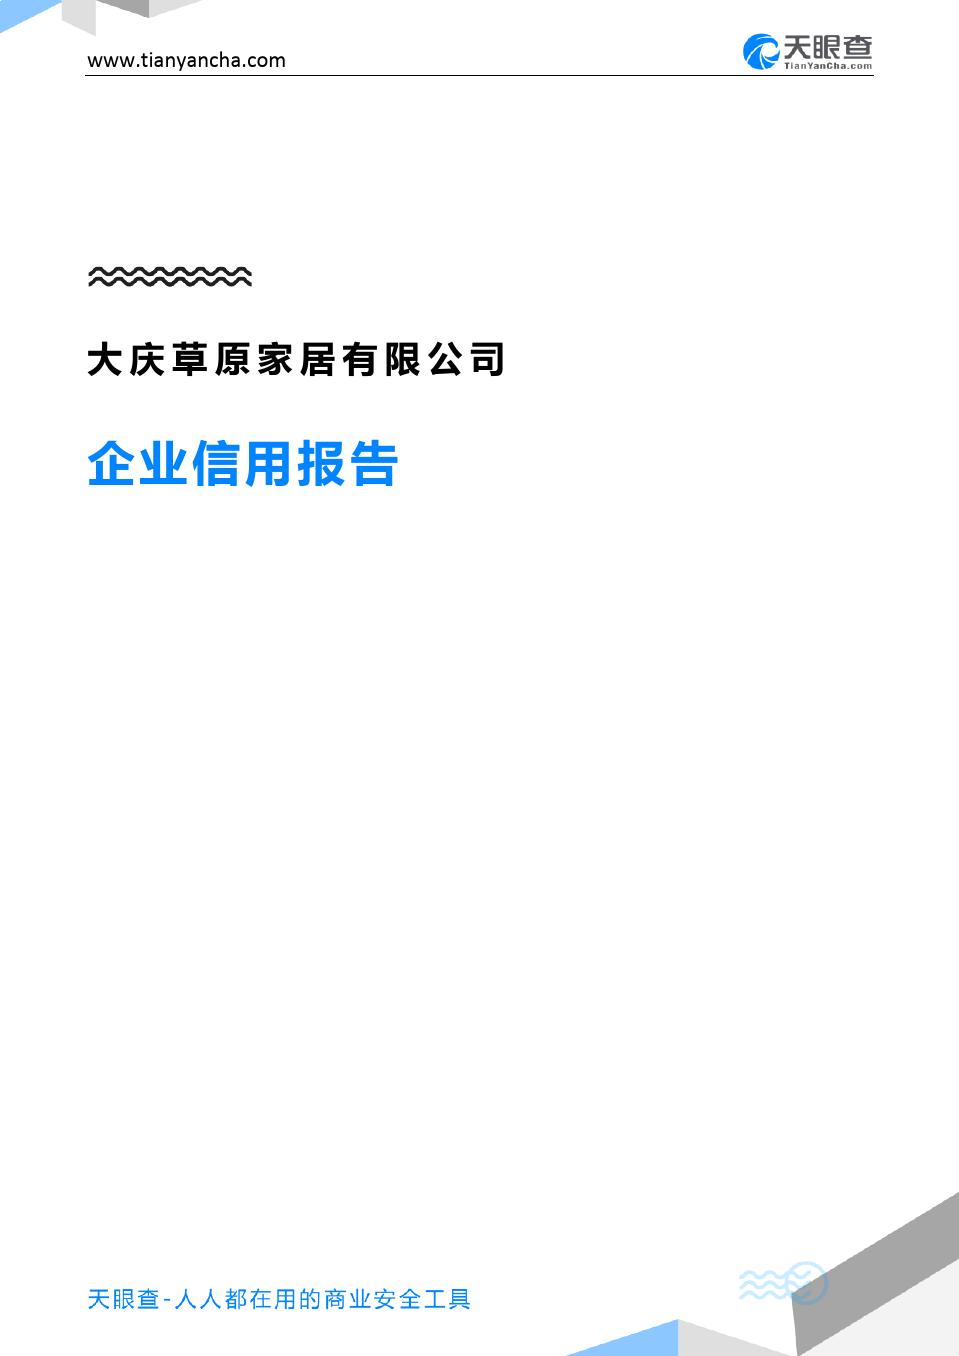 大庆草原家居有限公司(企业信用报告)- 天眼查